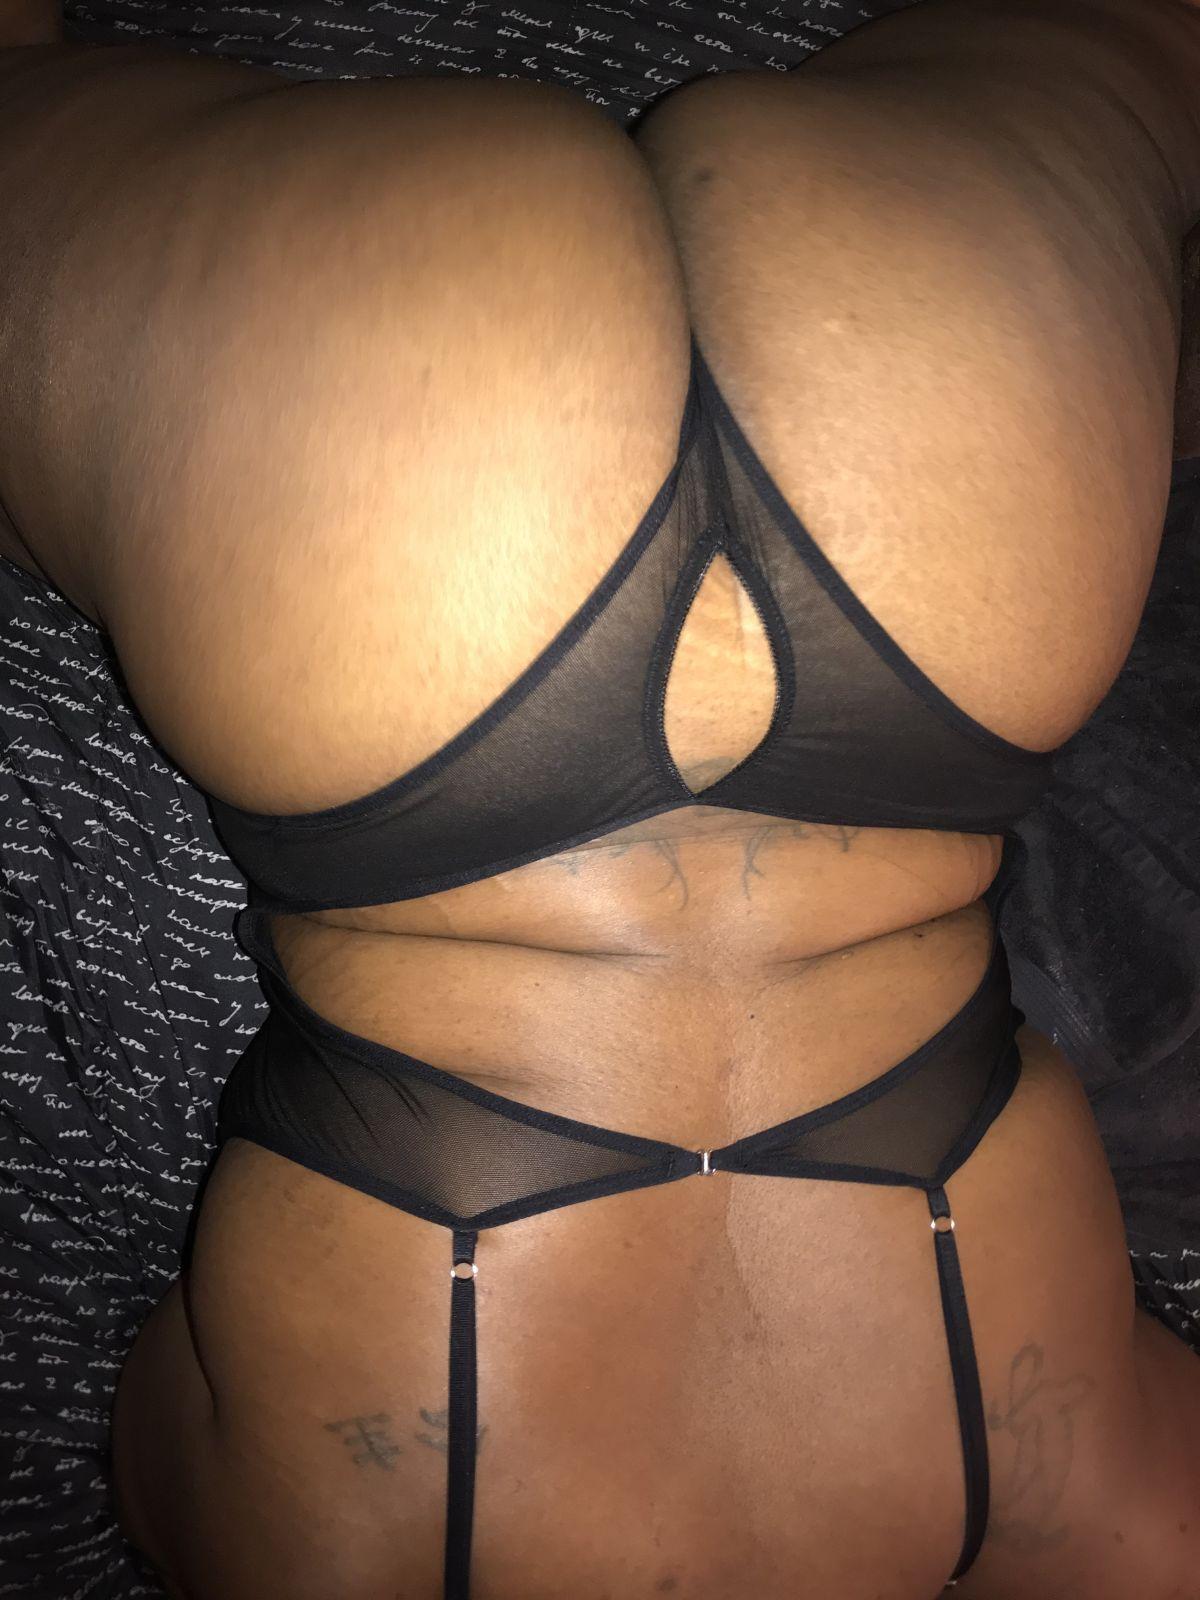 @booty_n_beast